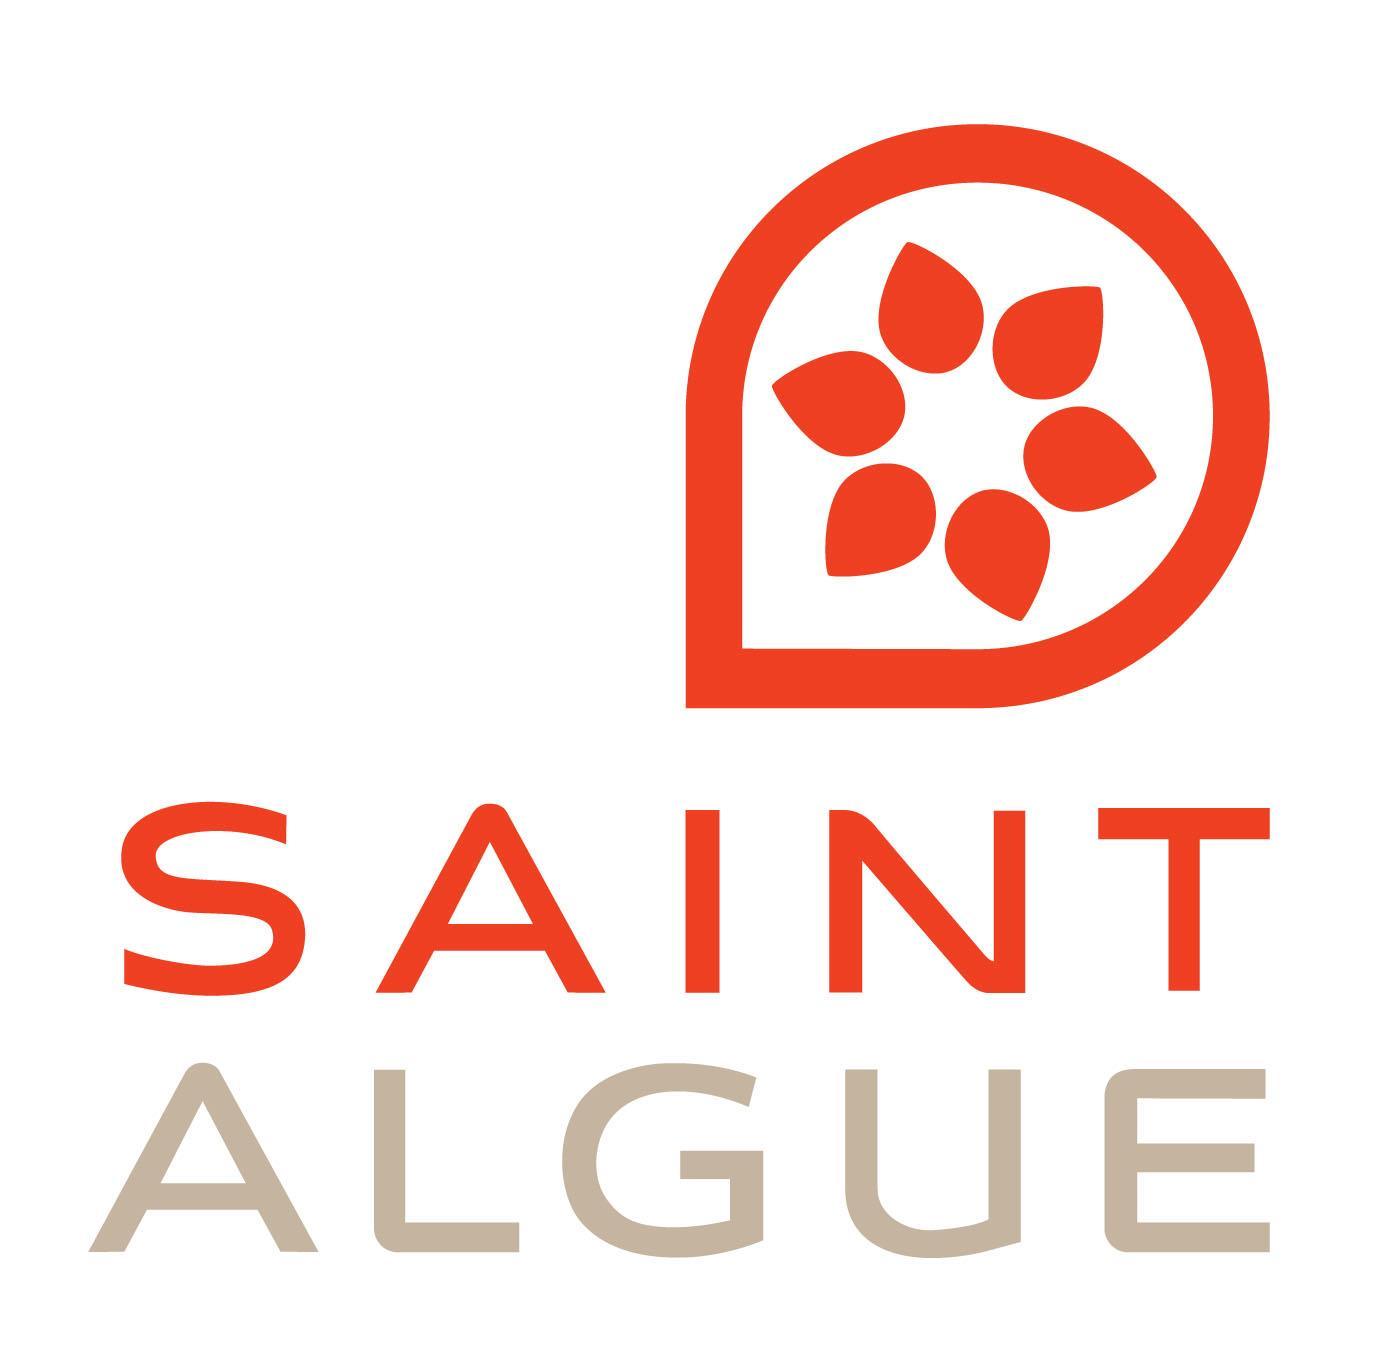 Saint Algue Coiffure (Soins U0026 Cosmu00e9tiques) U00e0 Toul | 123pages.fr